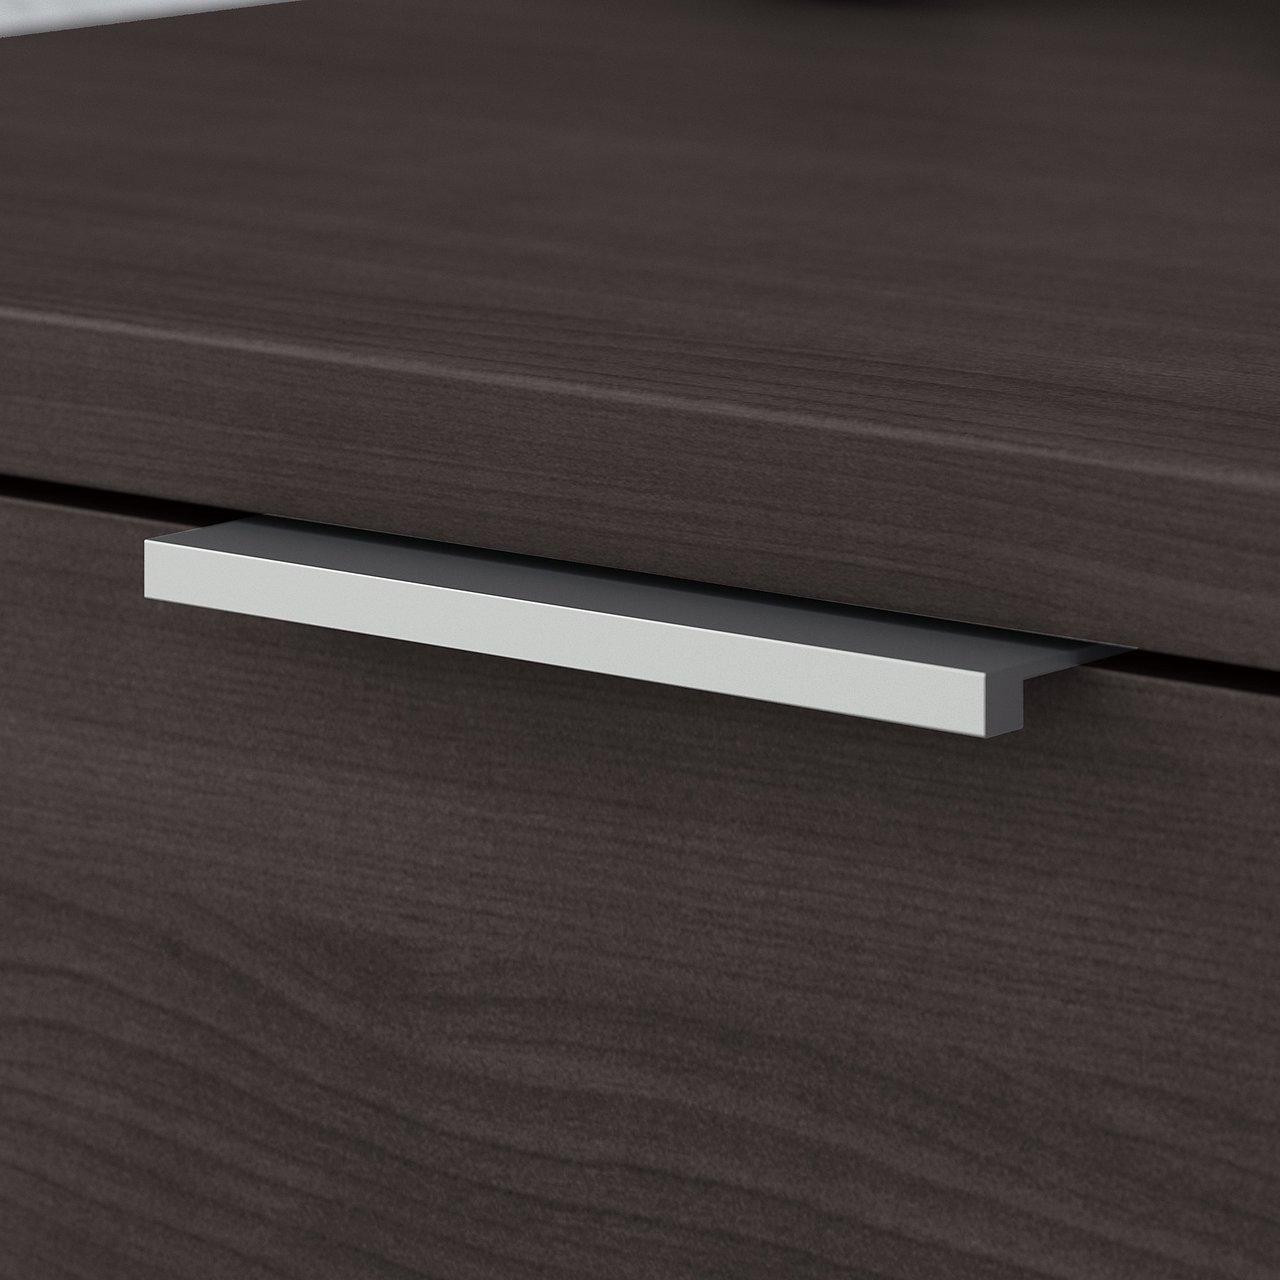 jamestown drawer pull